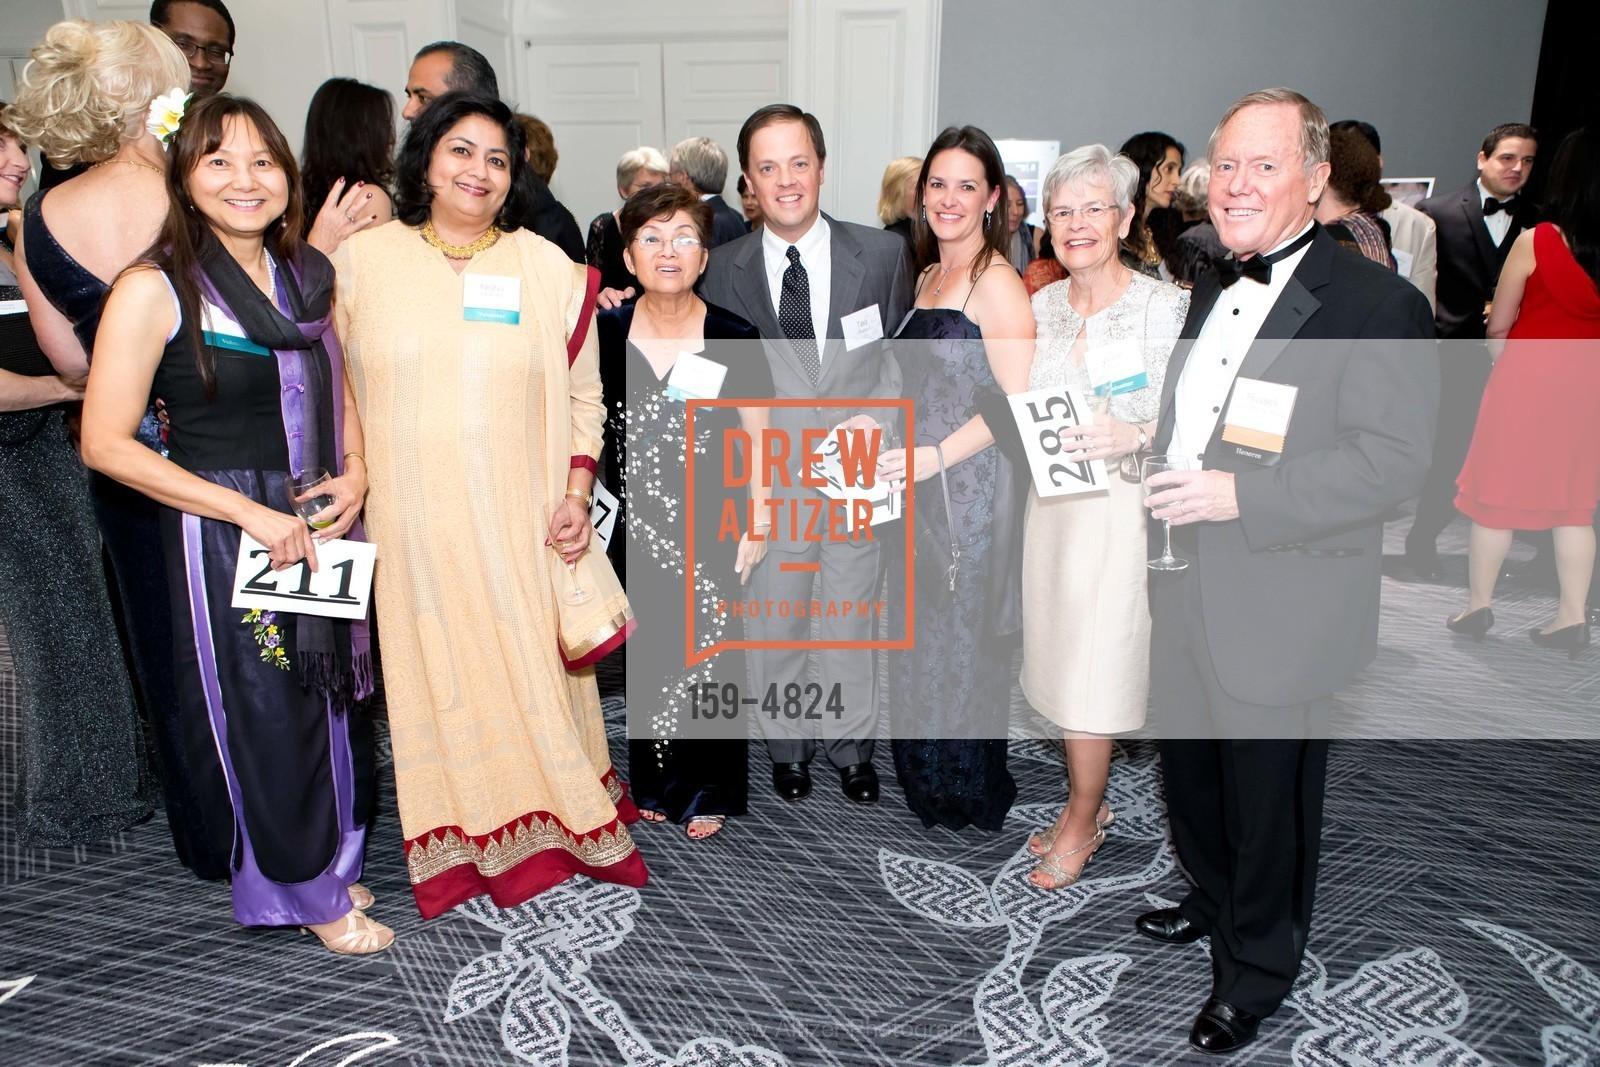 Lan Sherlock, NIsha Chaudry, Kim Satterlee, Ted Fuller, Kathy Lingenfelter, Anne Fuller, Russell Fuller, Photo #159-4824